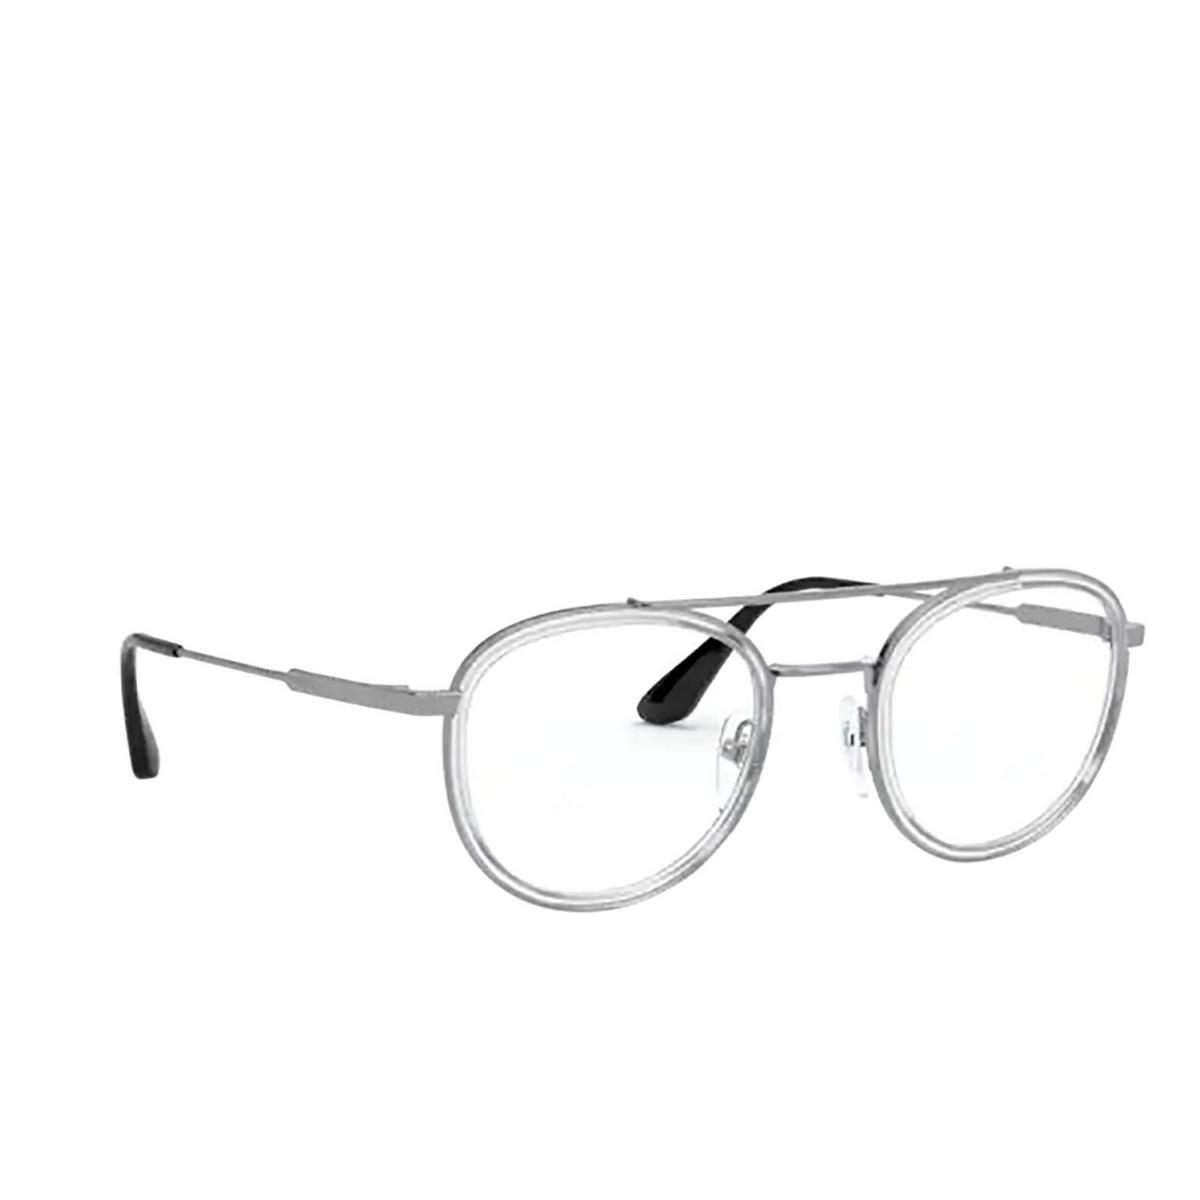 Prada® Round Eyeglasses: PR 66XV color Transparent Gunmetal 07A1O1 - three-quarters view.